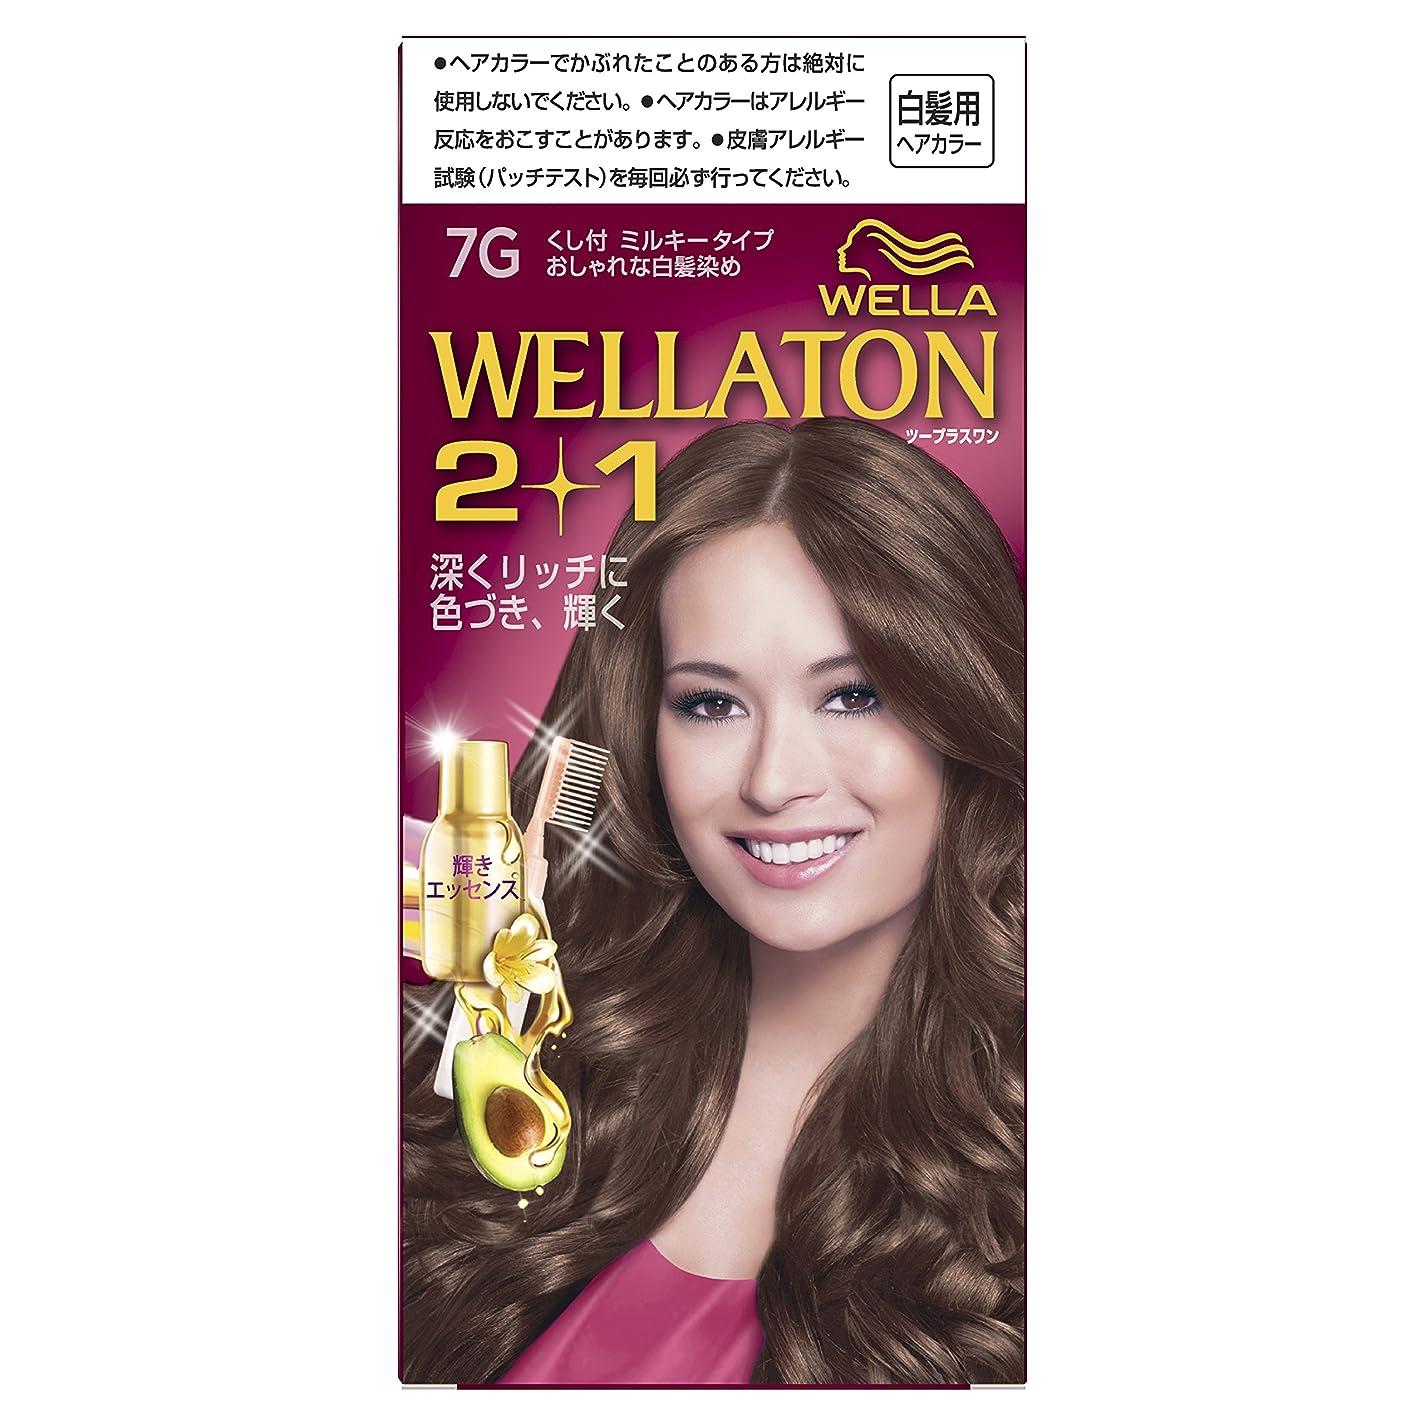 同封するレタッチ潜在的なウエラトーン2+1 くし付ミルキータイプ 7G [医薬部外品](おしゃれな白髪染め)